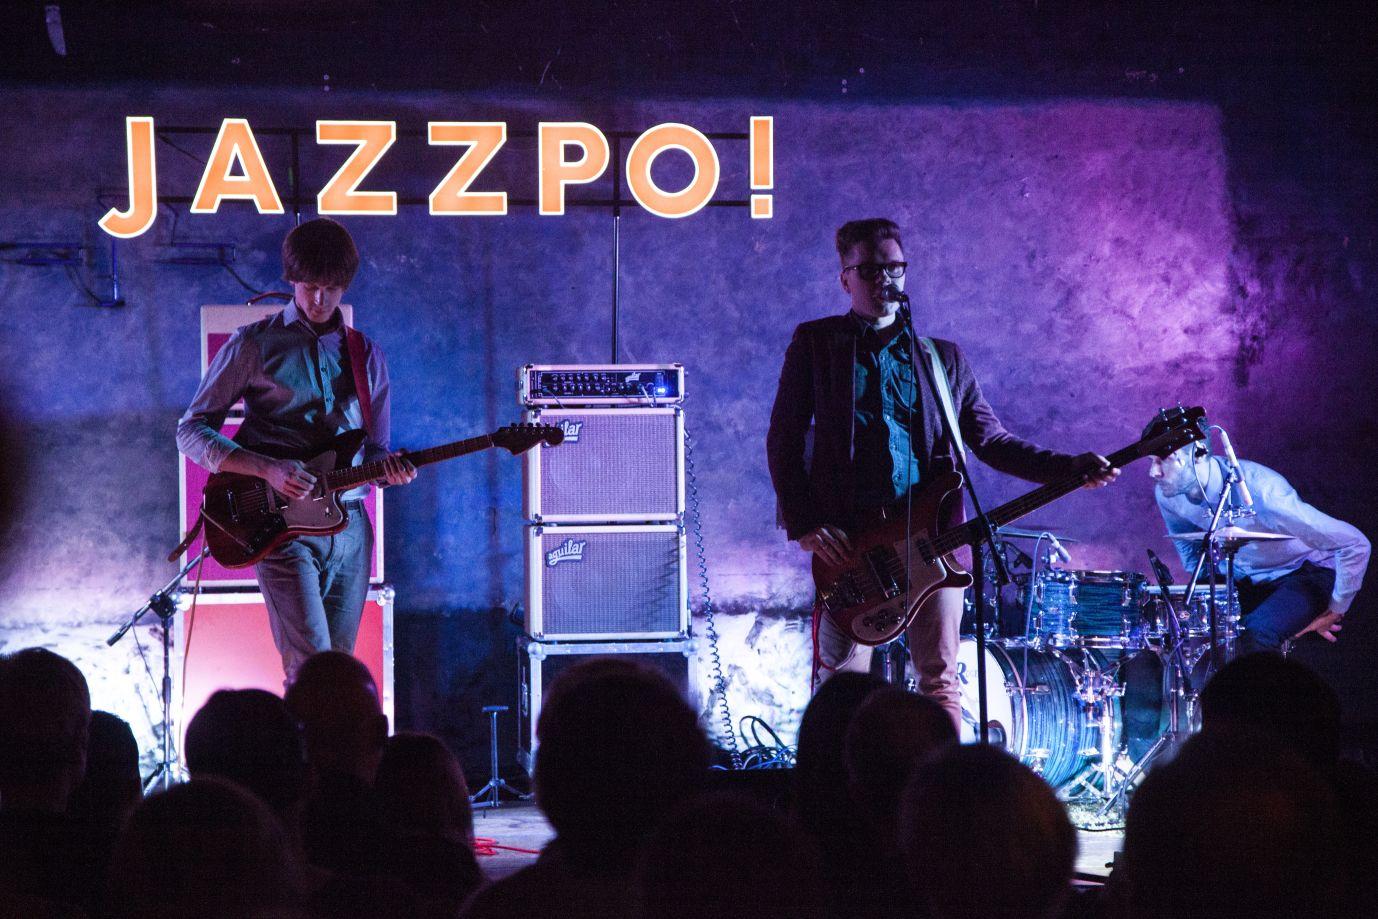 jazzpo1